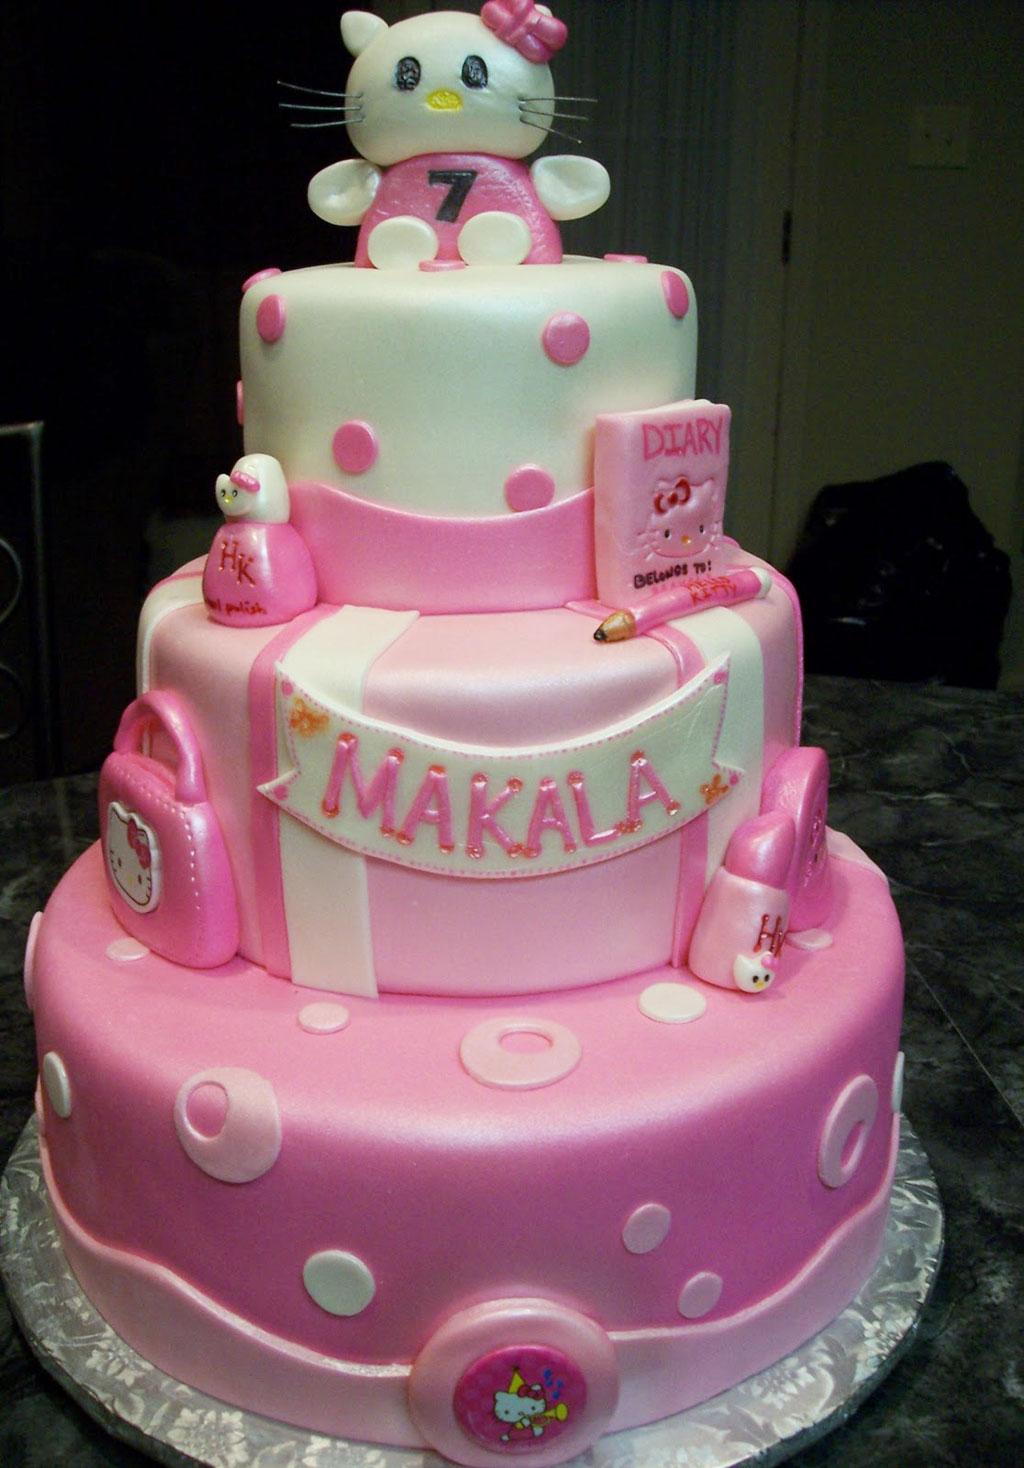 Who Makes Hello Kitty Cakes